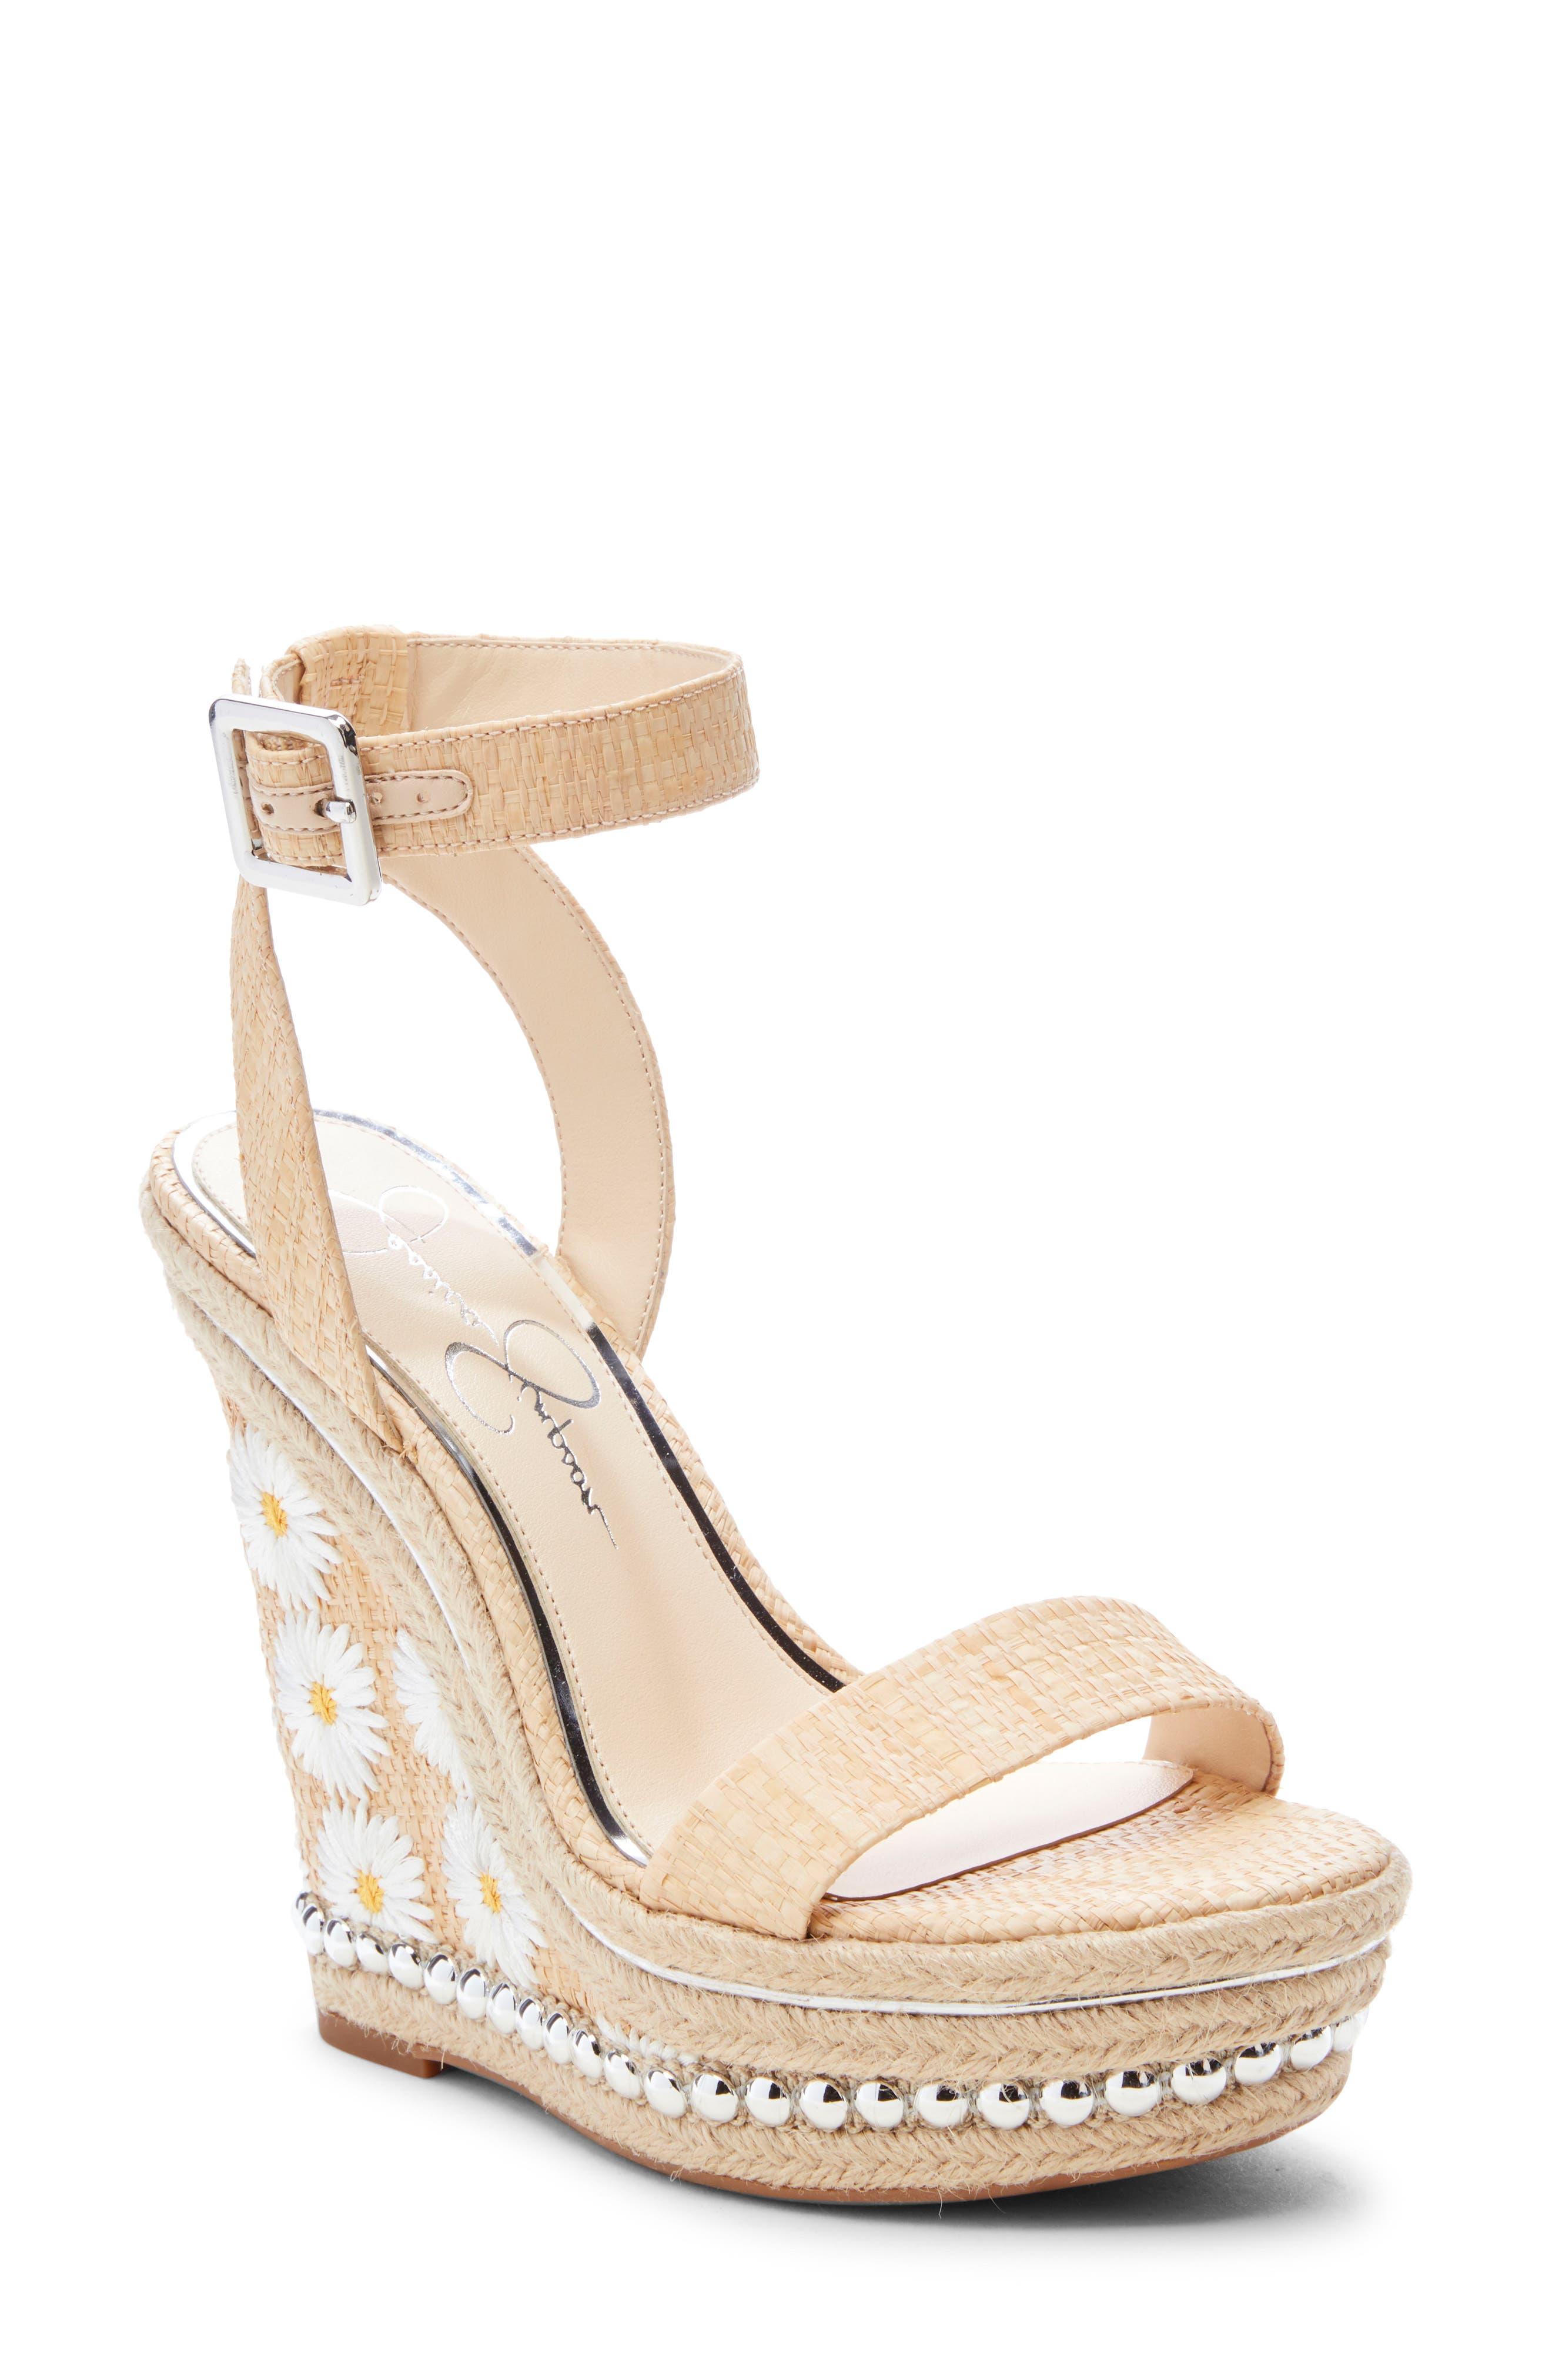 296fe0595af Jessica Simpson Alinda Embellished Wedge Sandal